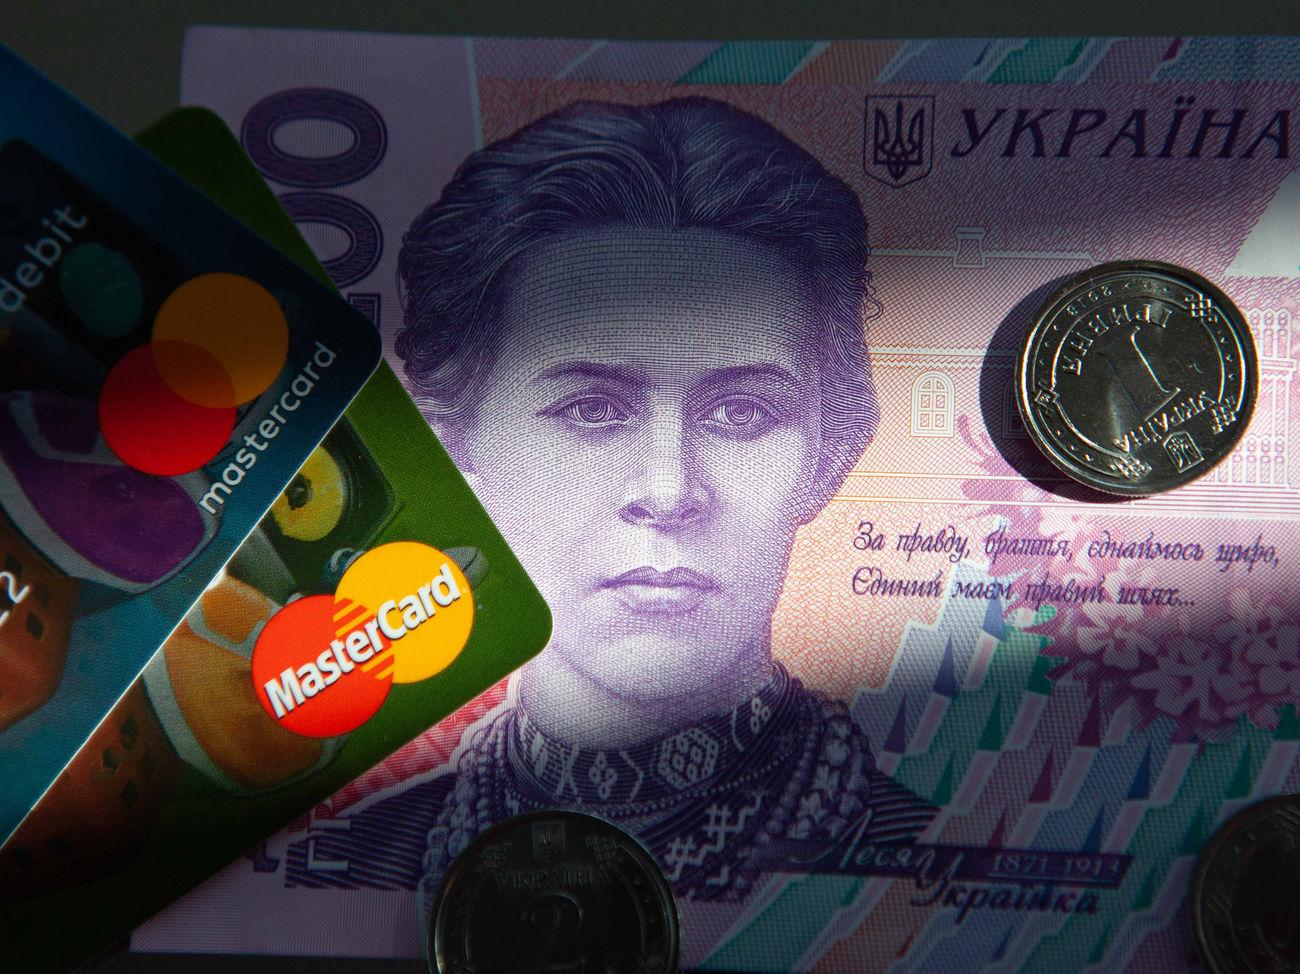 Нацбанк ужесточает правила: теперь банкам разрешено изымать деньги и блокировать счета